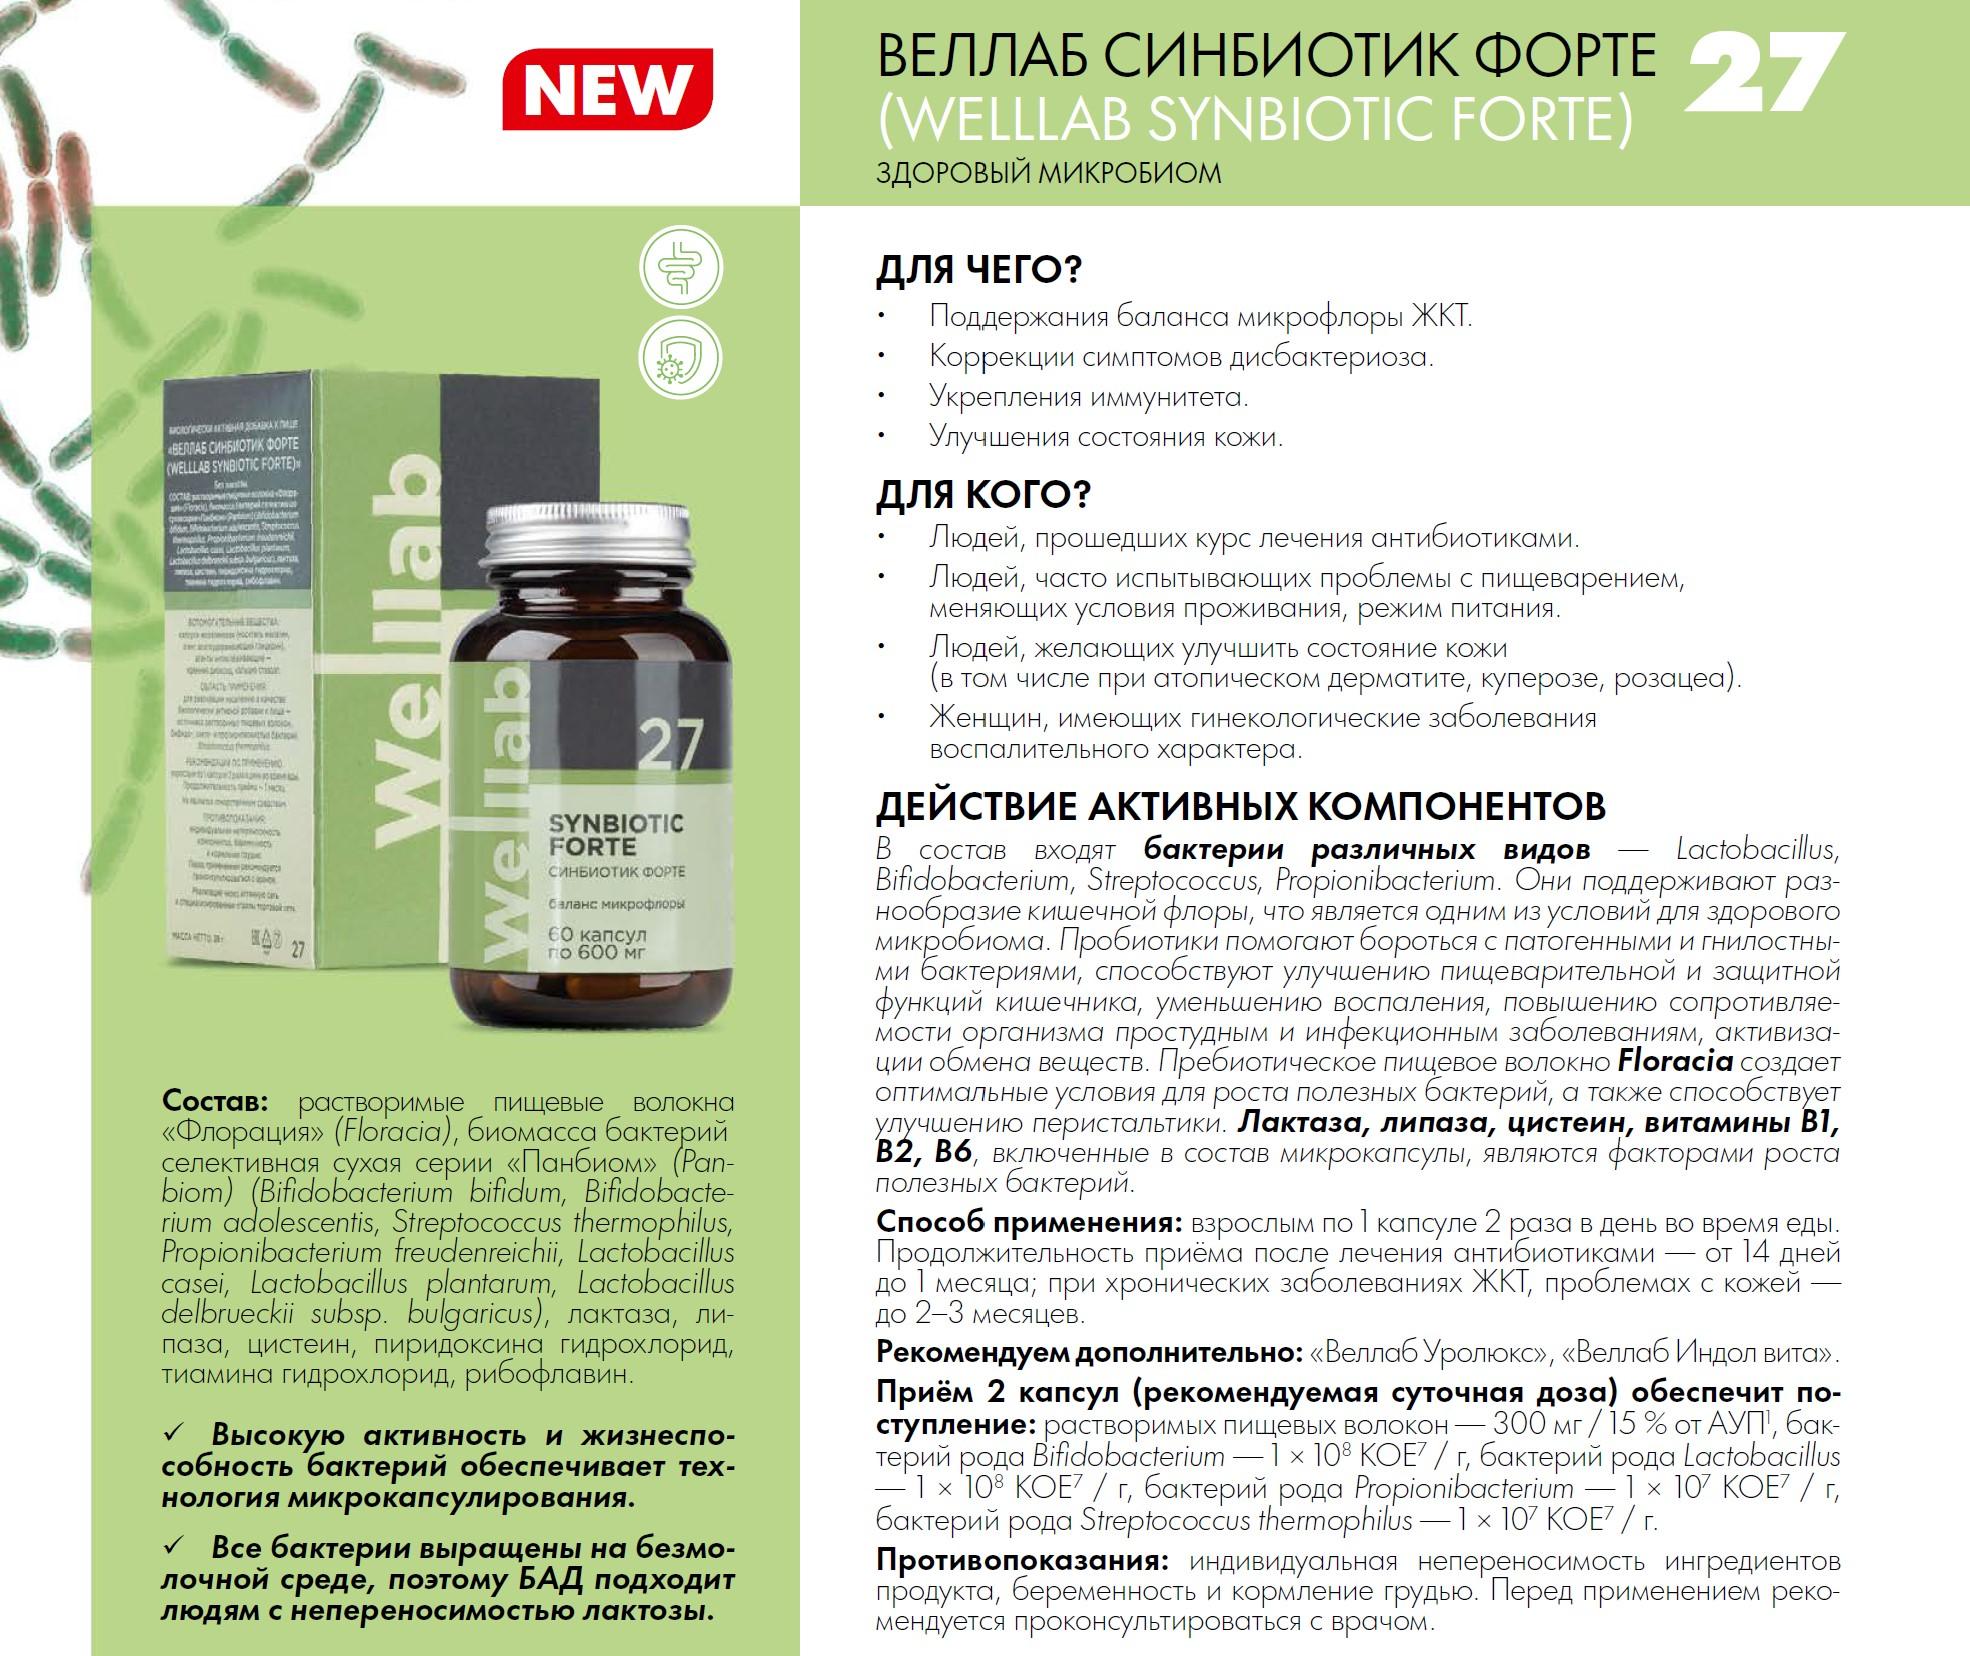 Welllab Synbiotic Forte